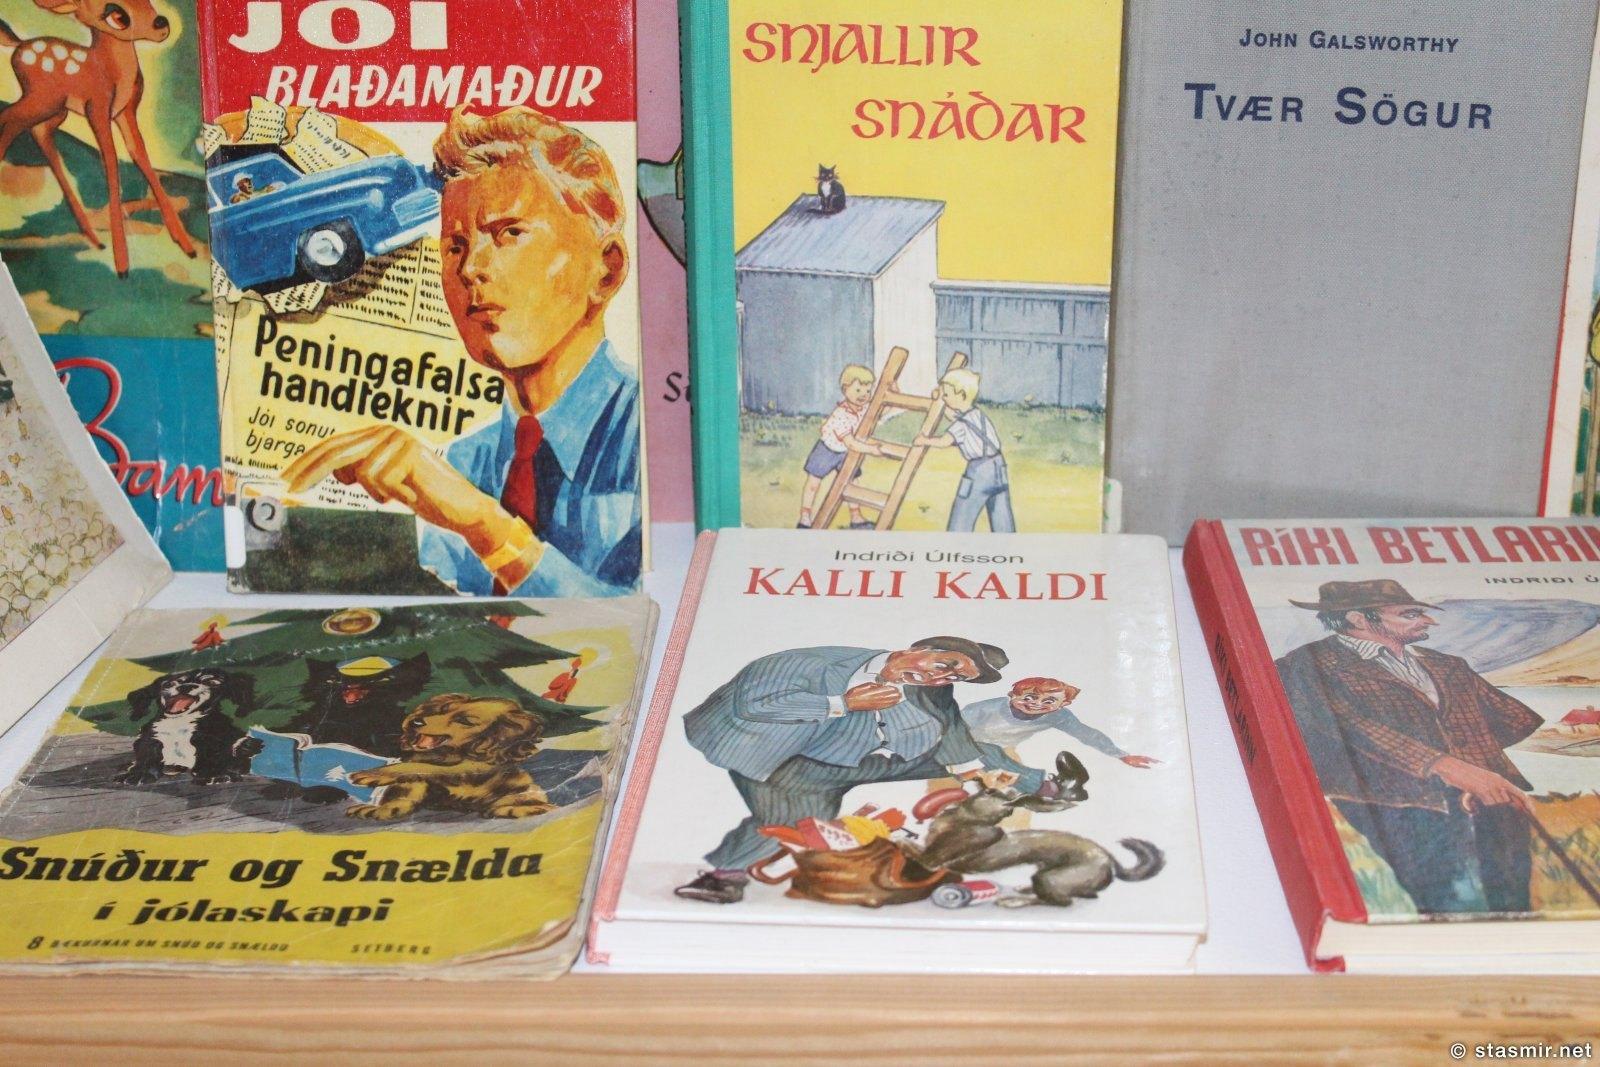 детские книги и комиксы из Исландии, фото Стасмир, photo Stasmir